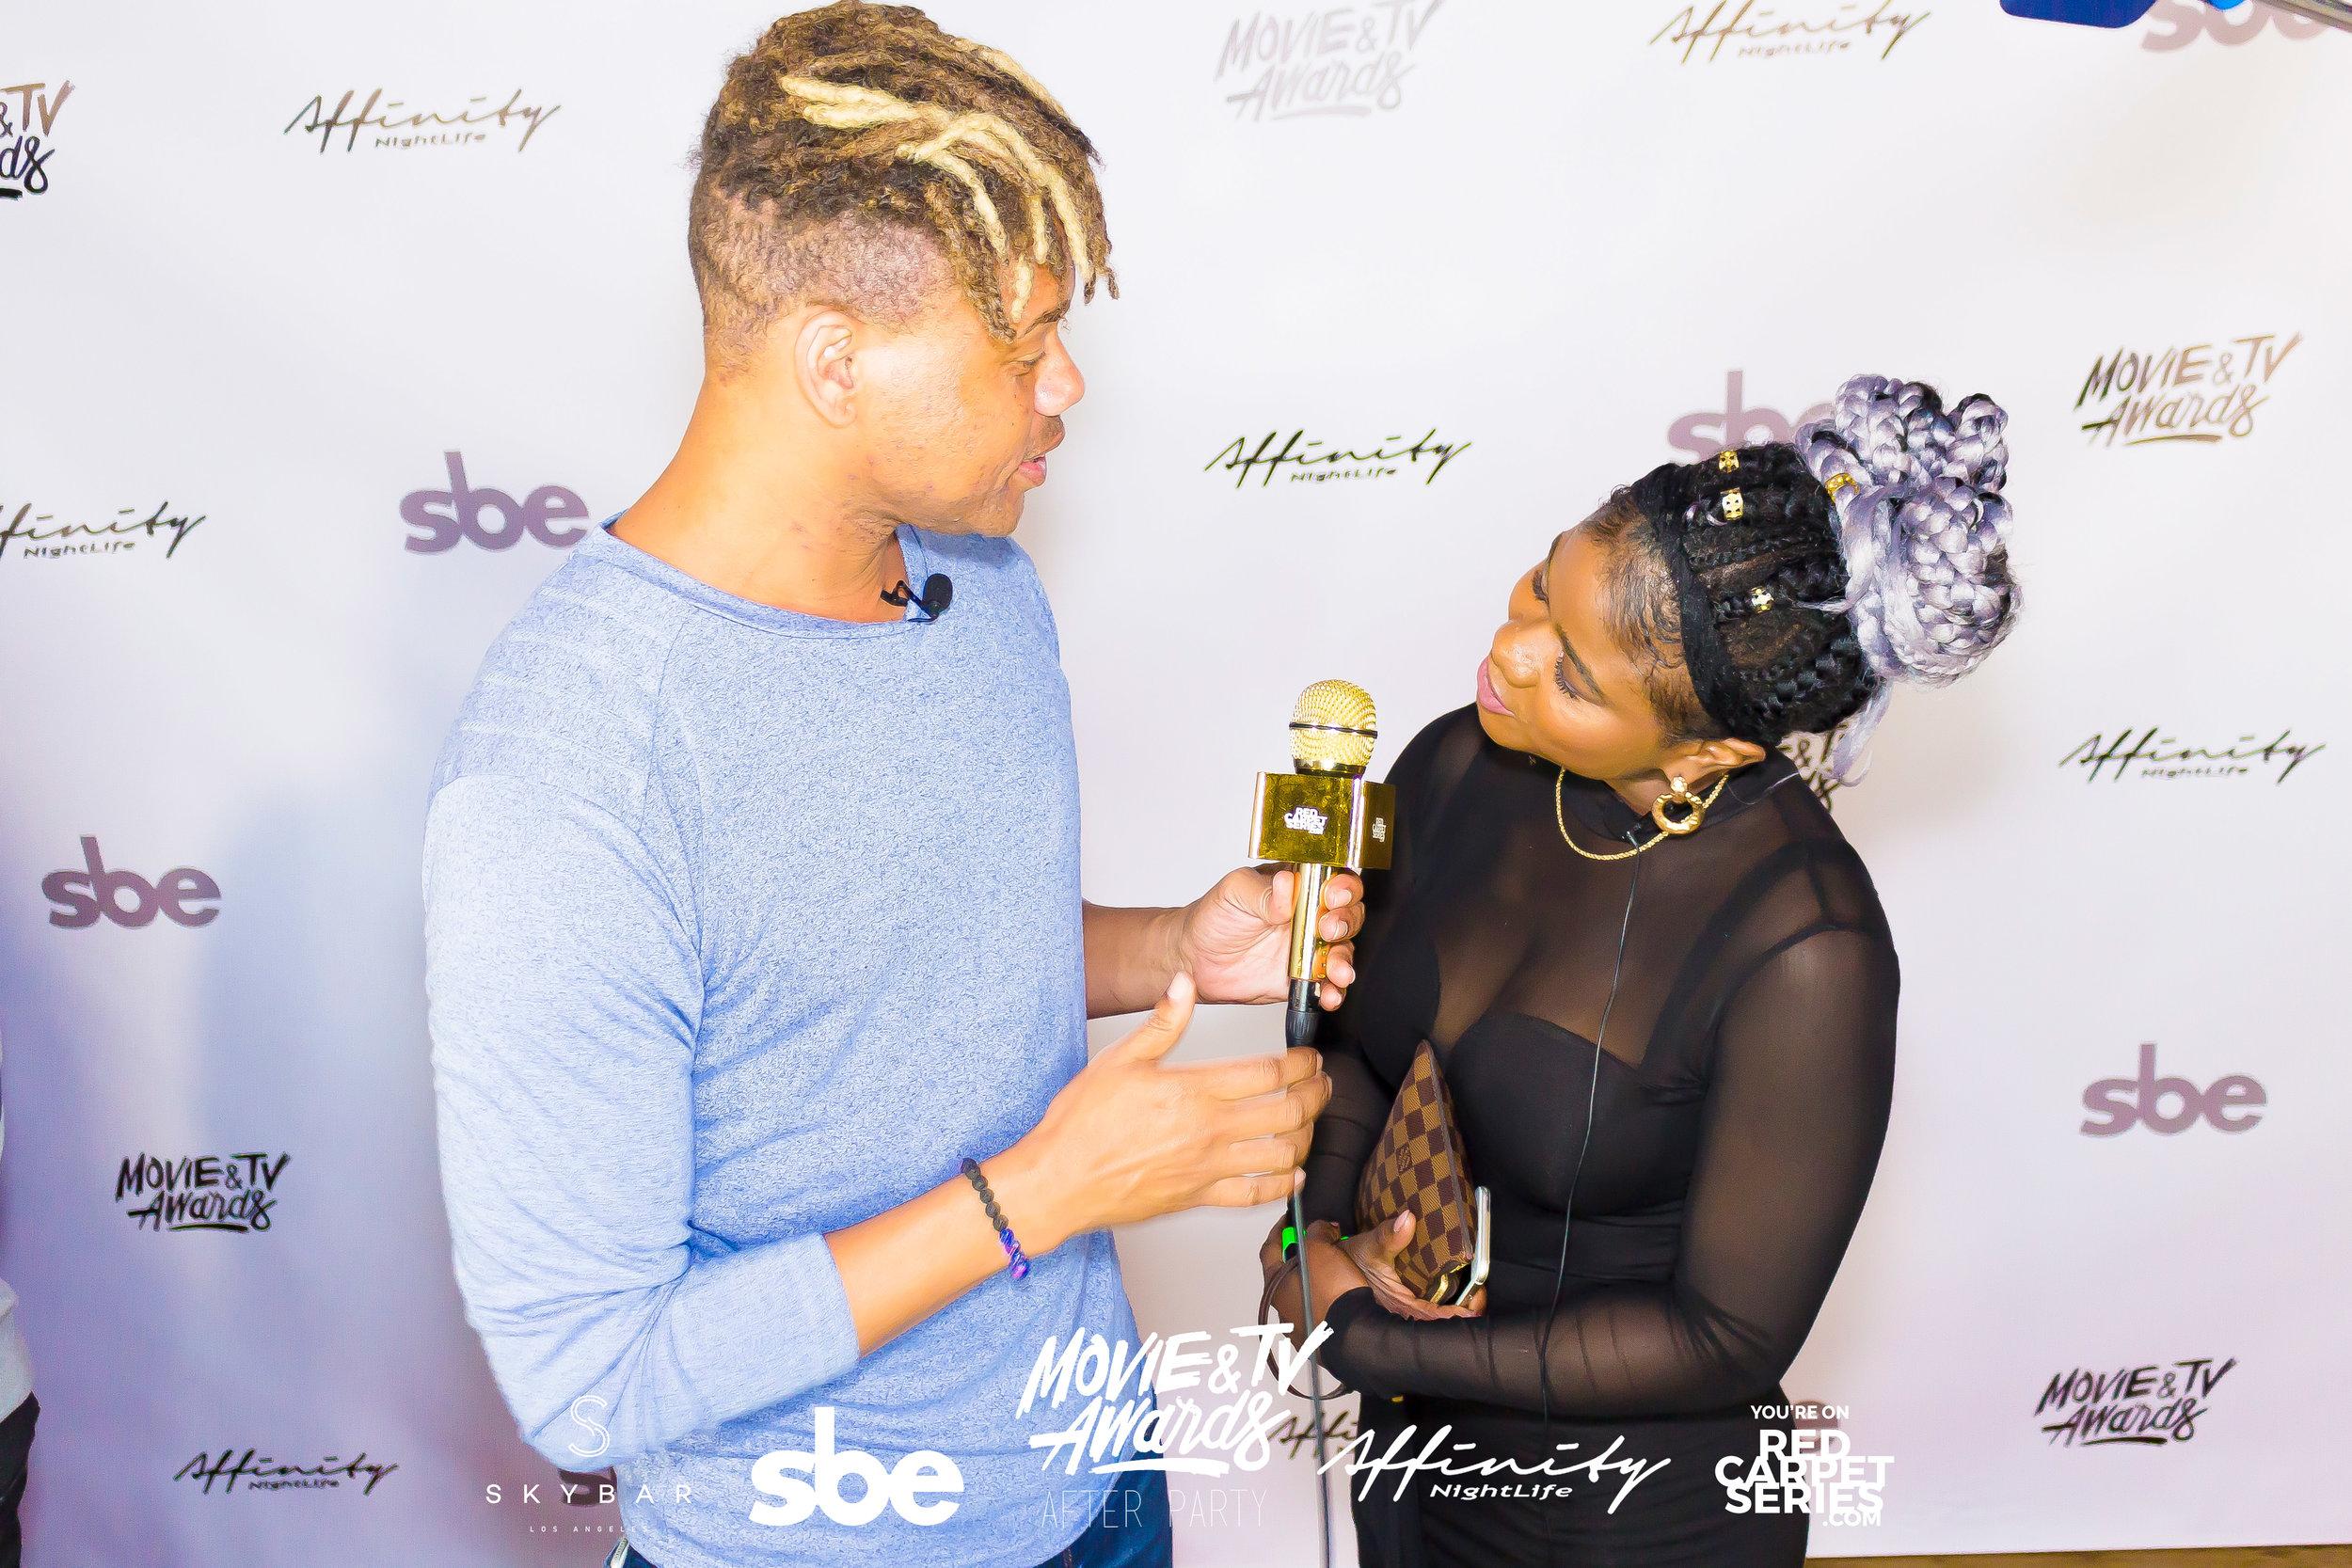 Affinity Nightlife MTV Movie & TV Awards After Party - Skybar at Mondrian - 06-15-19 - Vol. 1_115.jpg